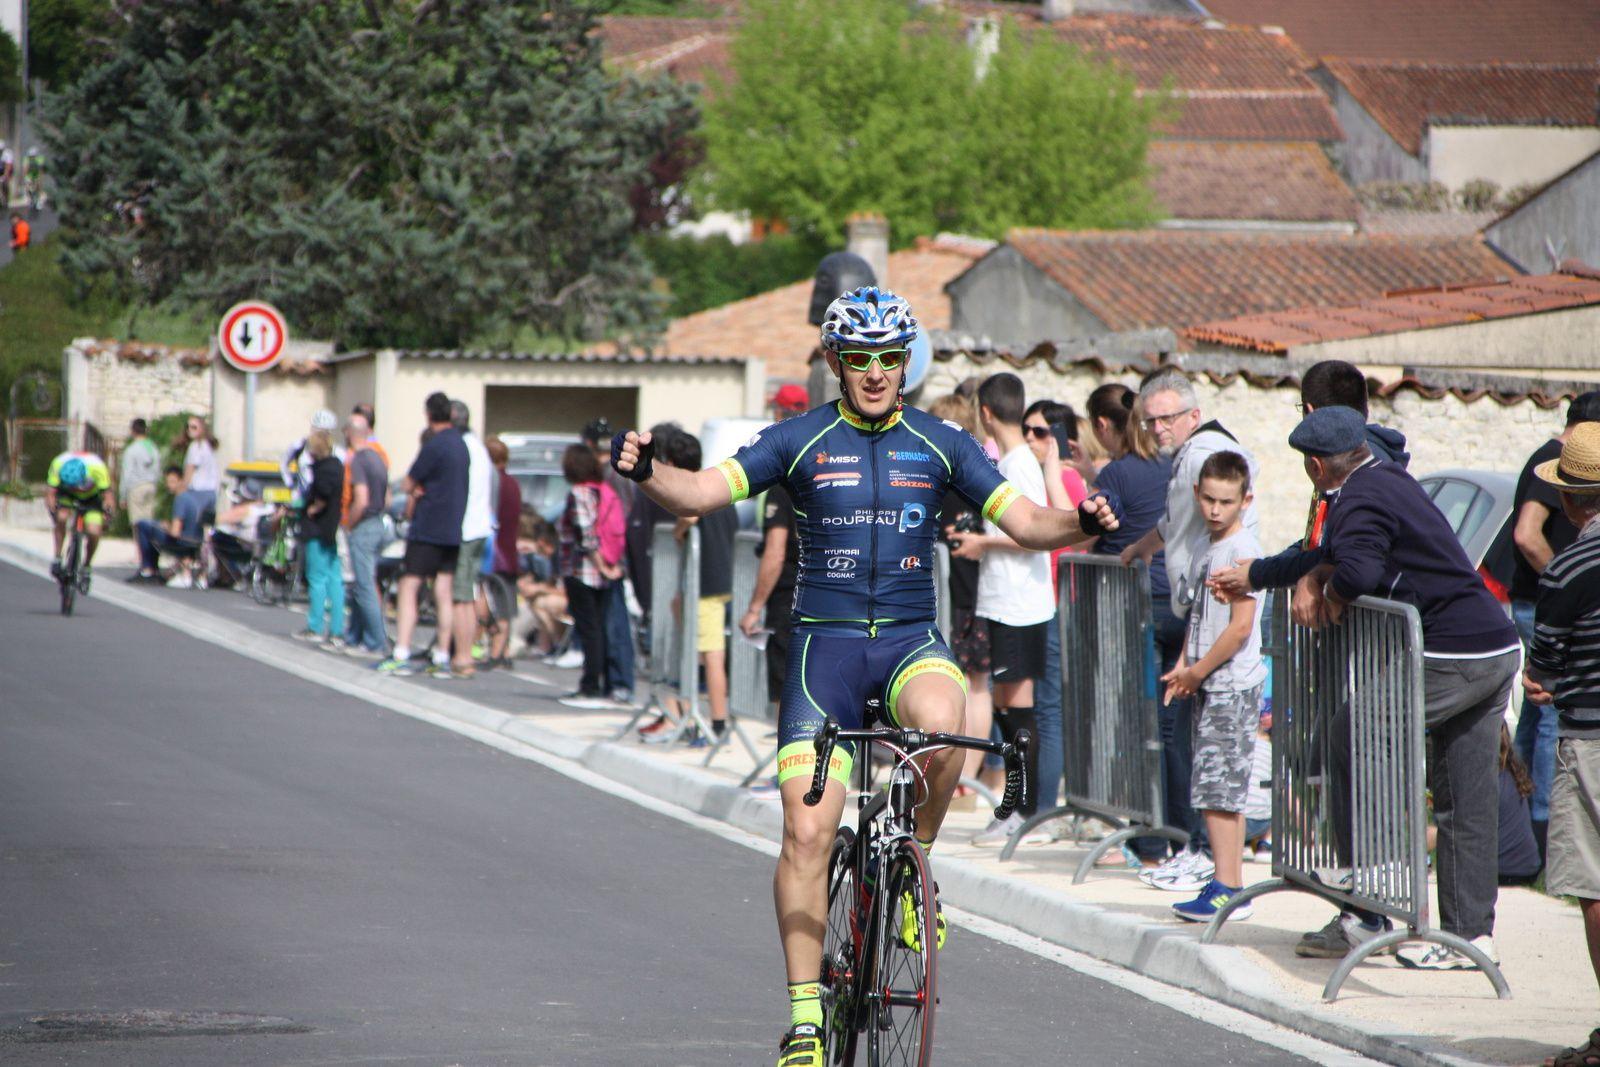 L'arrivée  et  la  victoire  pour   Julien  MICHONNEAU(CL  Martel C)